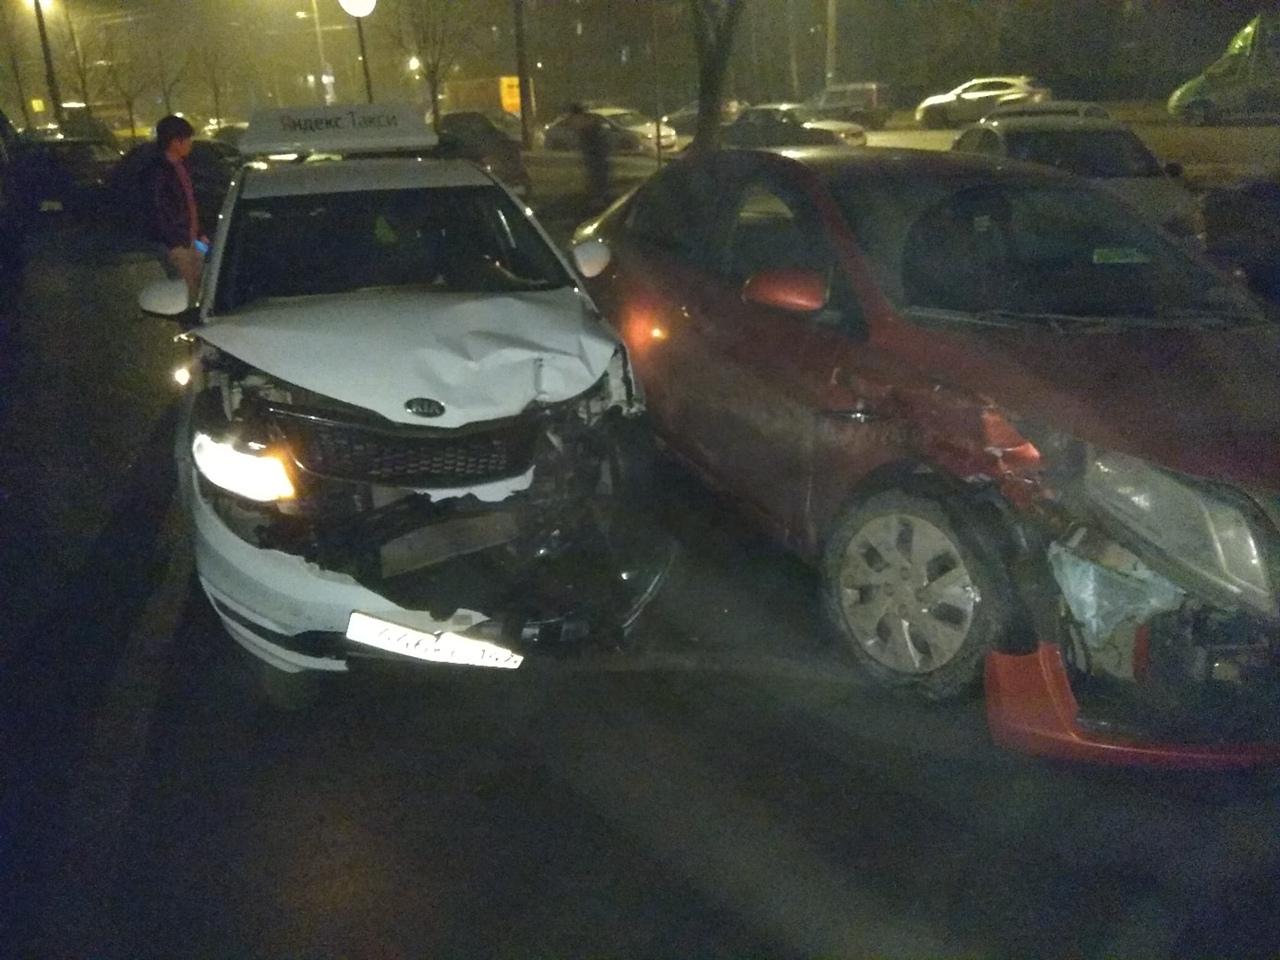 На Маршала Блюхера произошло ДТП во дворах. Белый ехал вдоль дома мимо припаркованных в ряд машин, и...